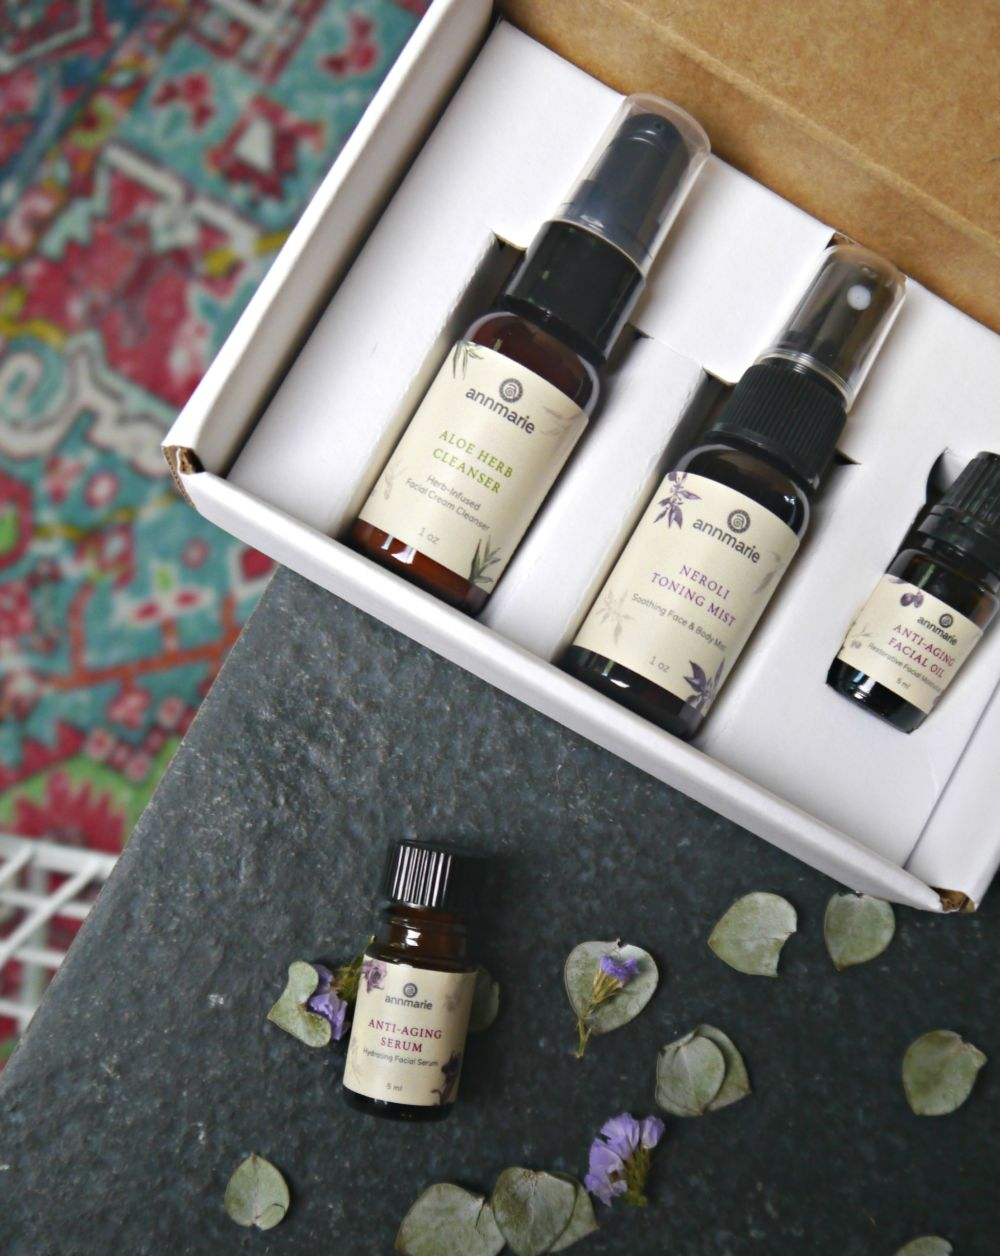 Annmarie Skincare Restore Kit